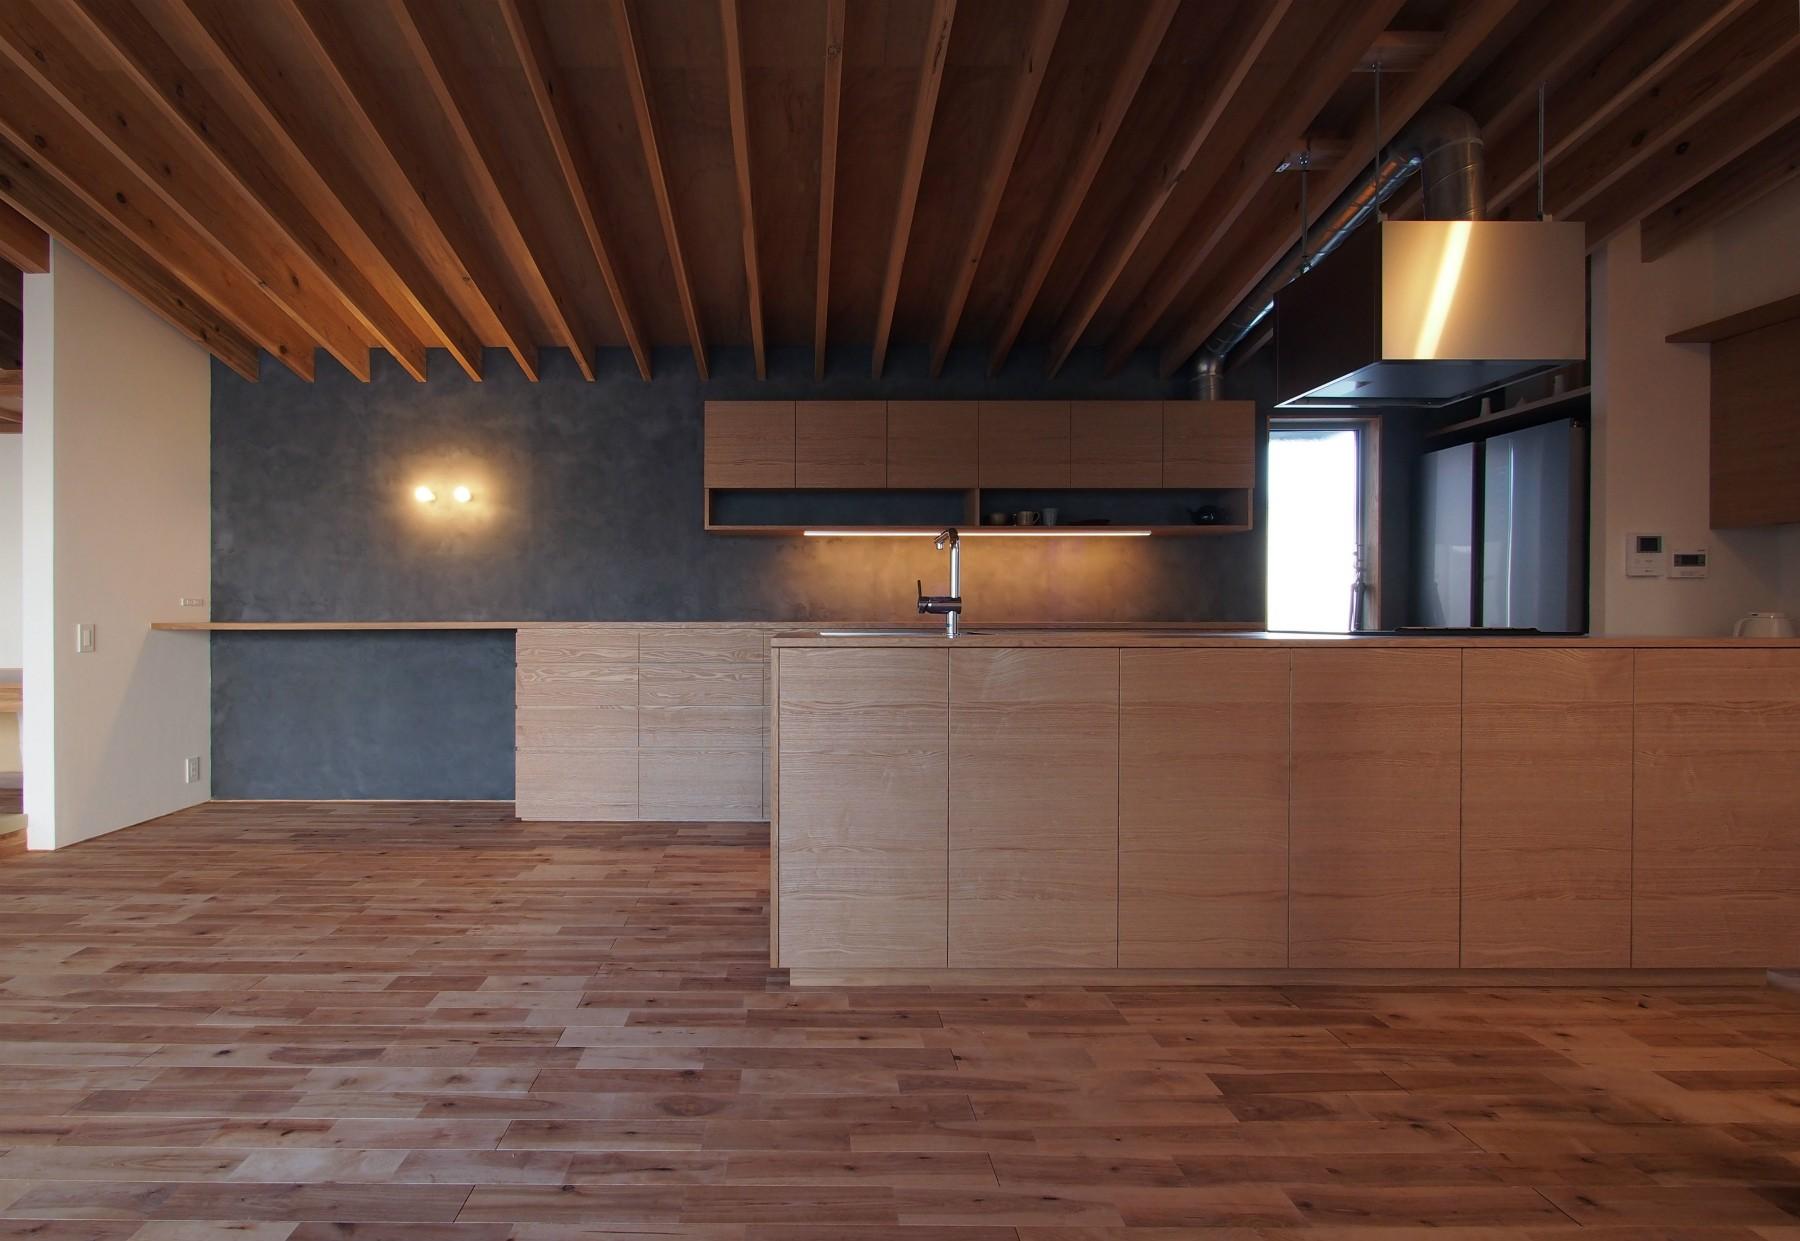 キッチン事例:ダイニング/ キッチン(橋本の住宅 / 土間と縁側)